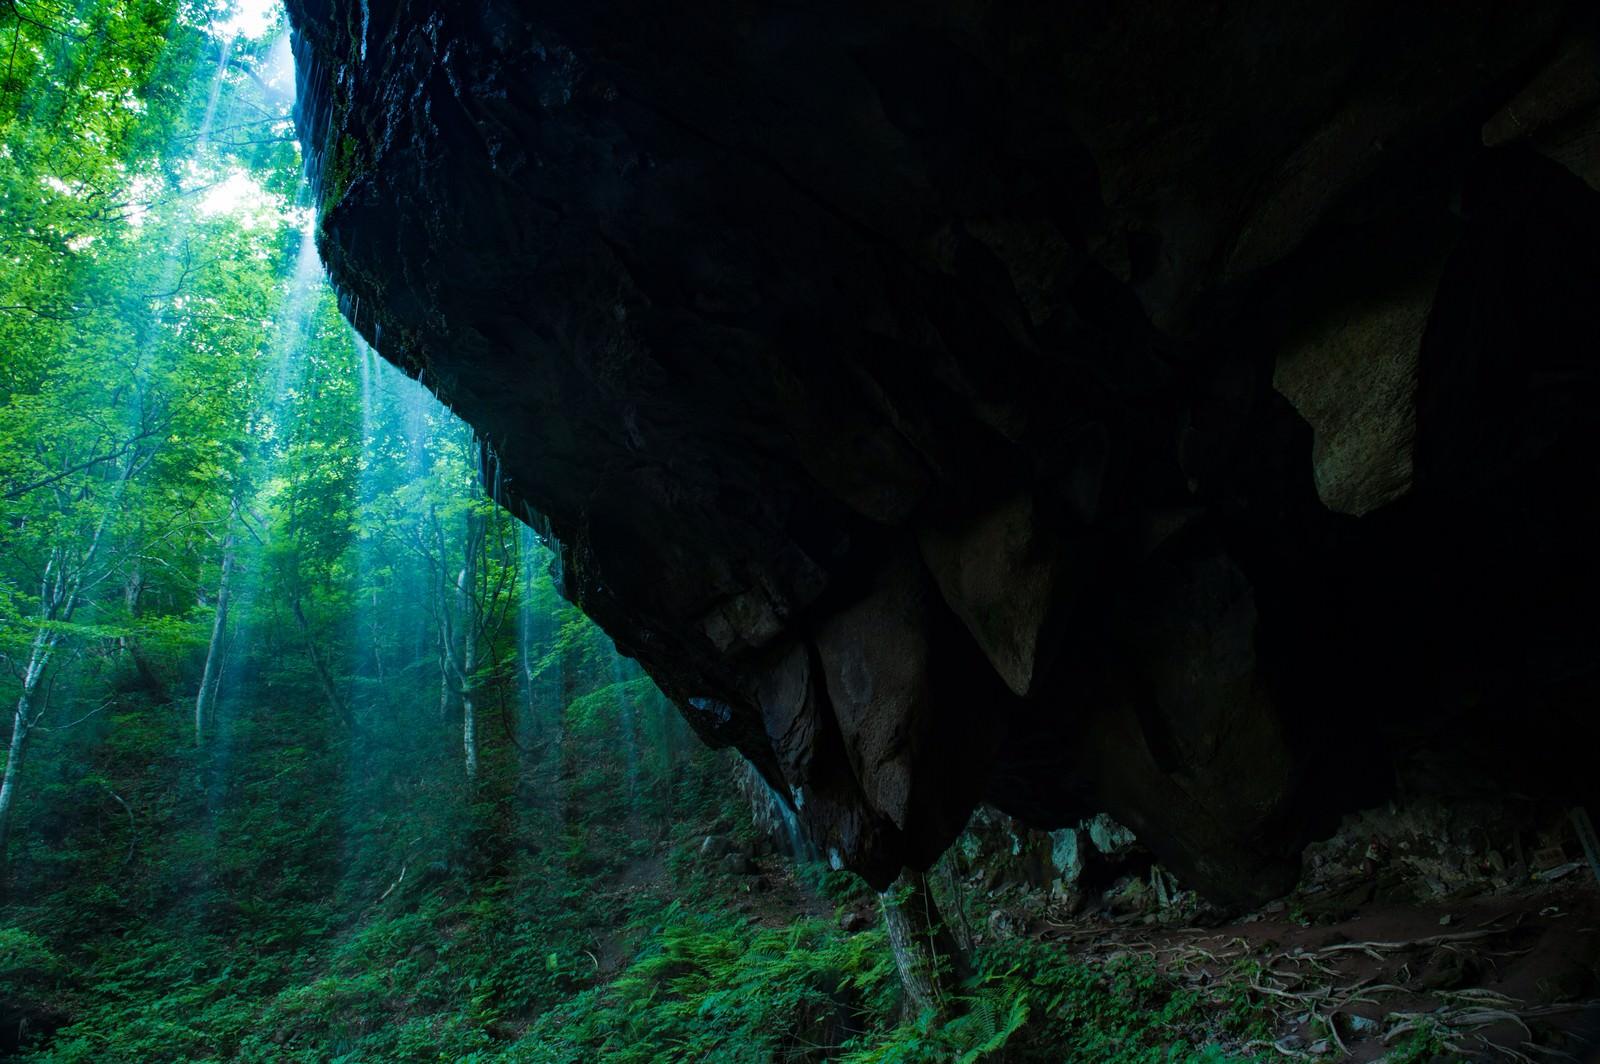 「岡山県鏡野町の癒しスポット岩井滝」の写真